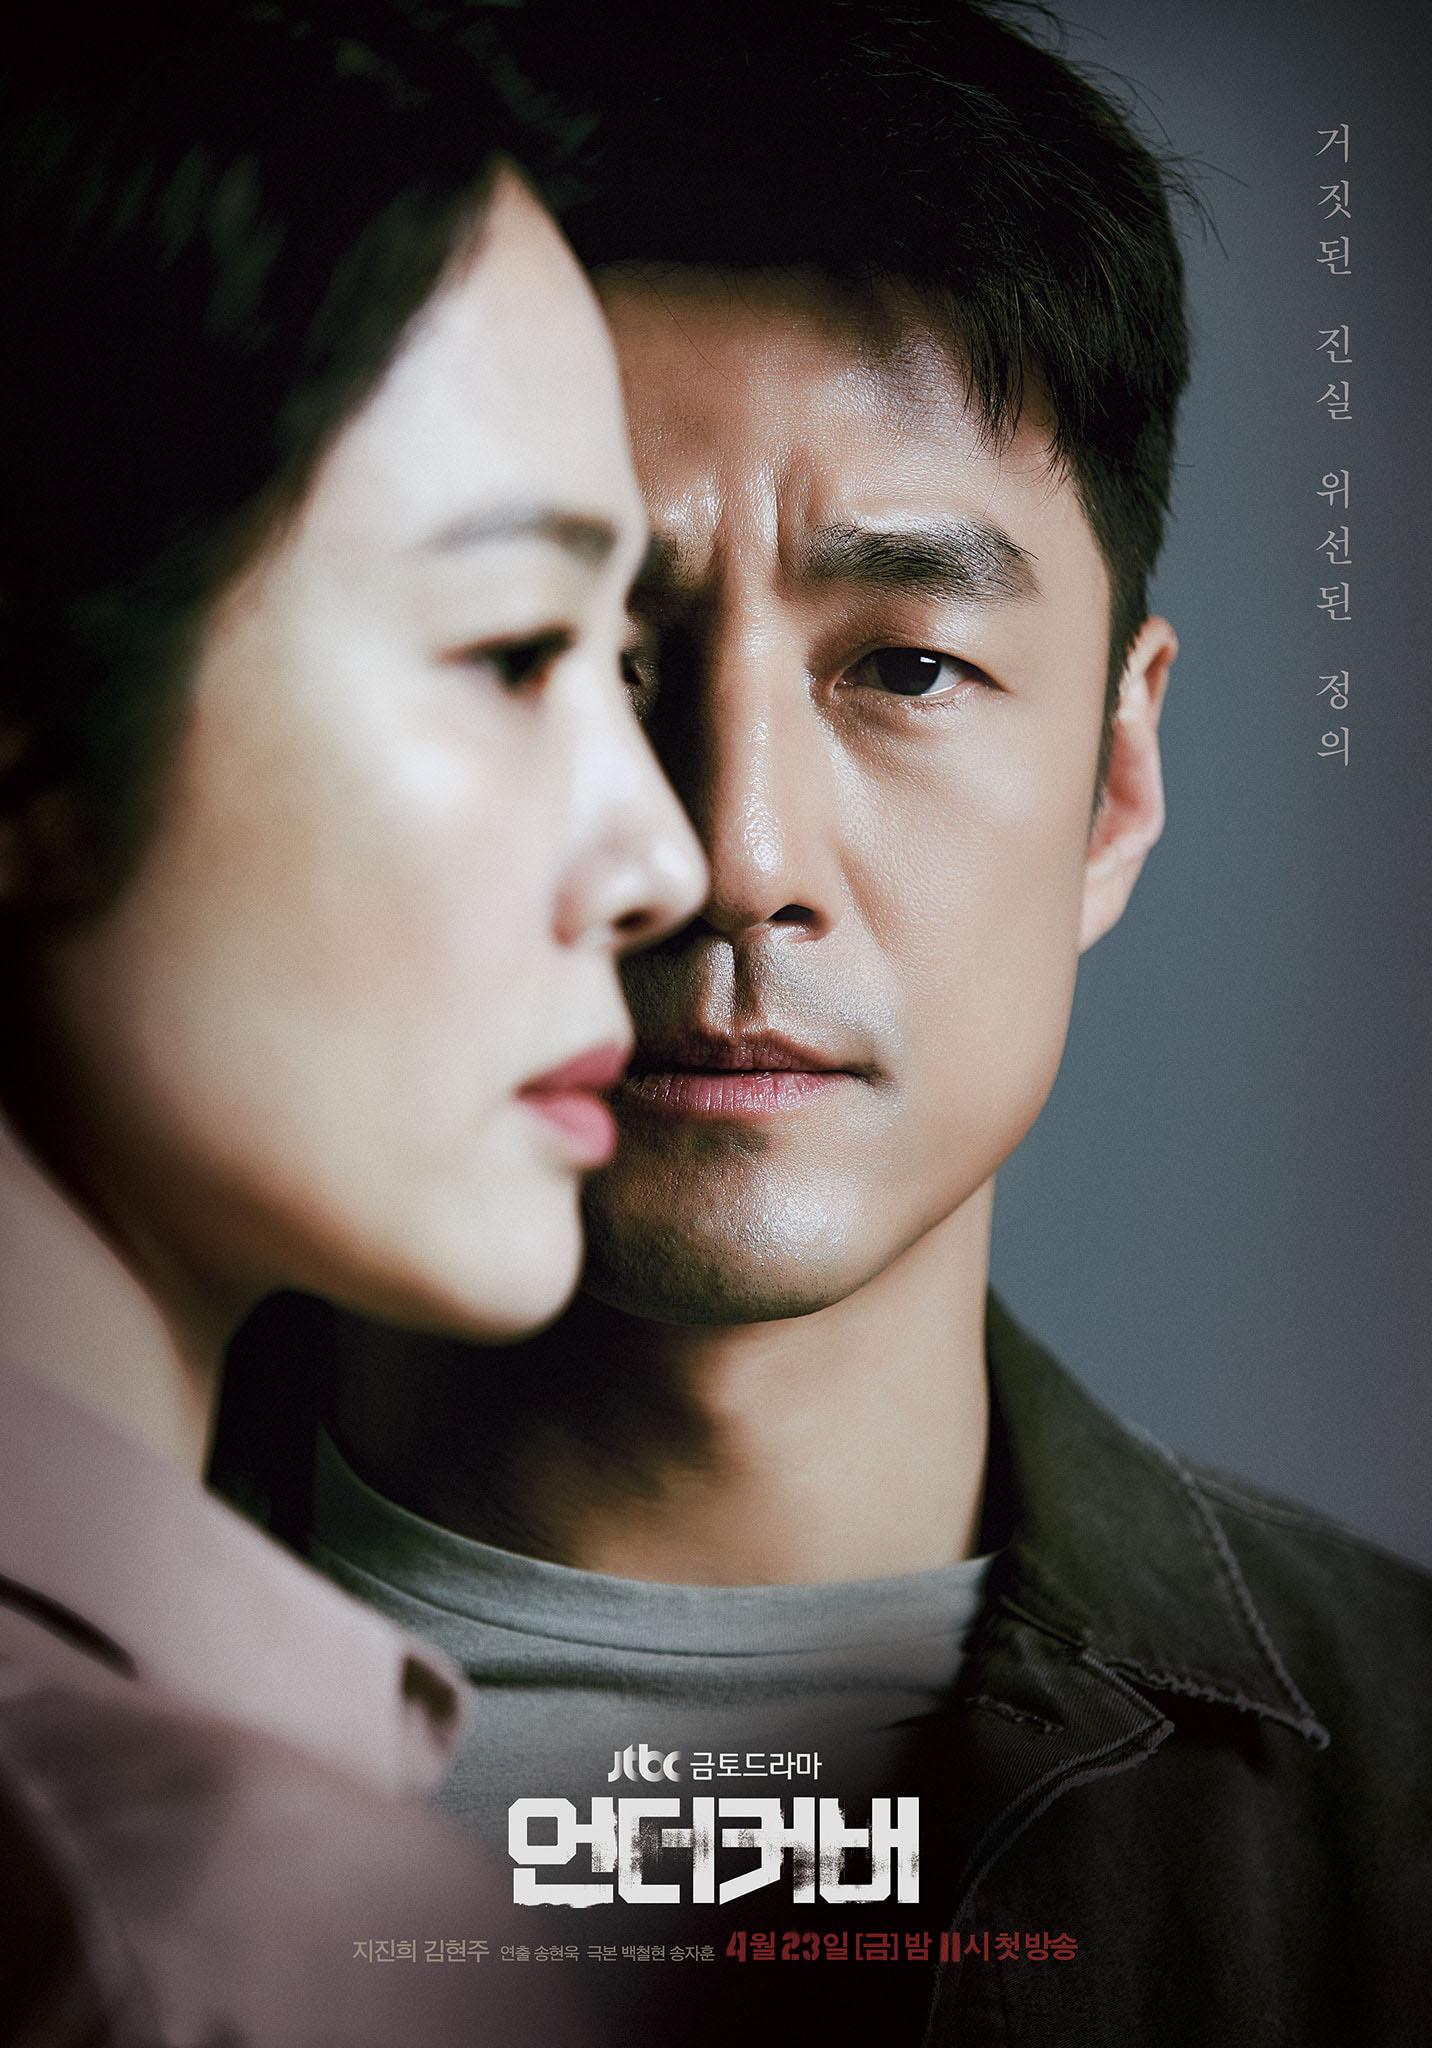 Phim Hàn Quốc Undercover